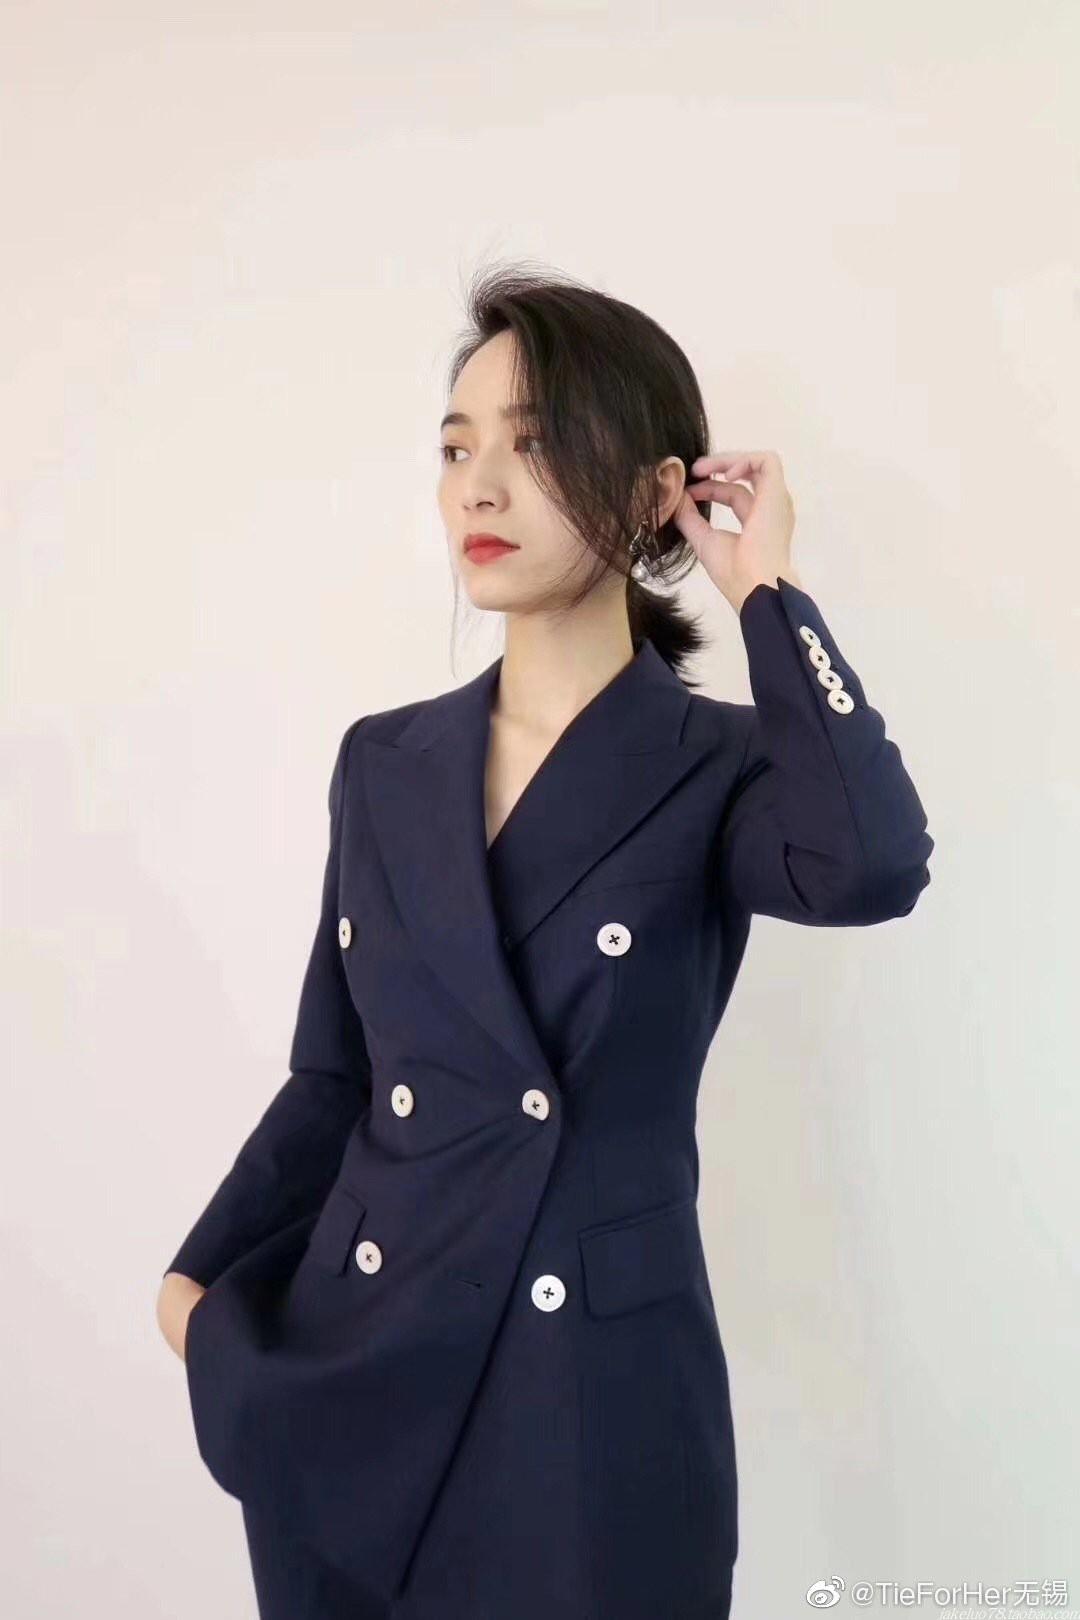 精英律师蓝兰美洋同款藏青色双排扣套装职业主持宴会活动显瘦西服